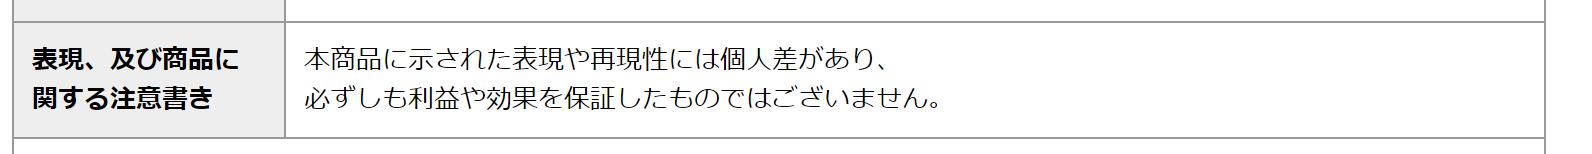 斎藤忠義 ICHIGEKI 特定商取引法